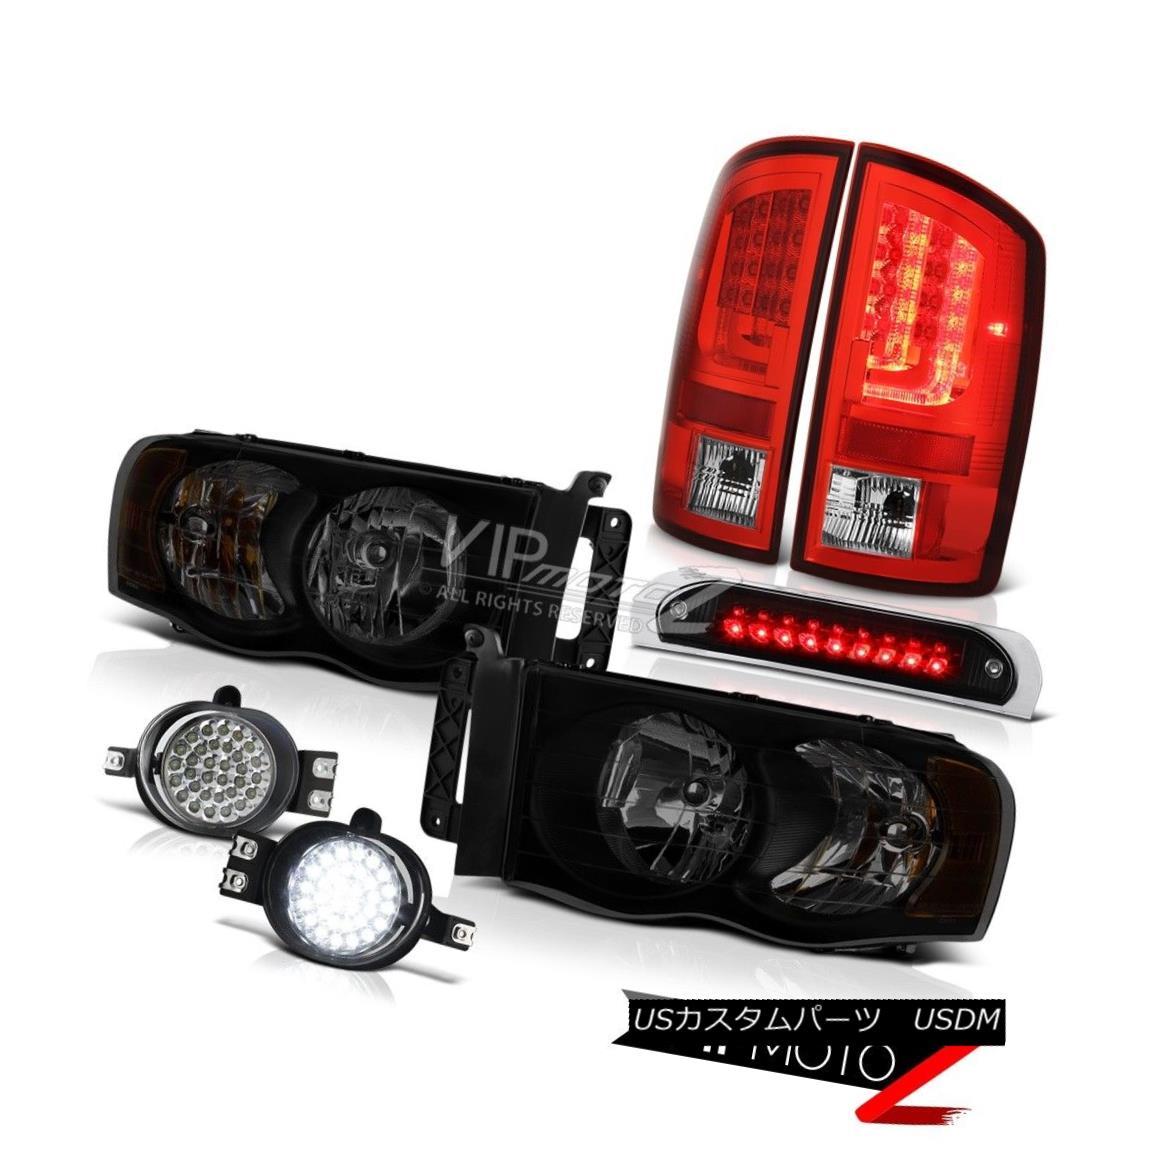 テールライト 2002-2005 Dodge Ram 1500 WS Taillamps Roof Brake Light Headlights Fog Lamps LED 2002-2005ダッジラム1500 WSタイルランプルーフブレーキライトヘッドライトフォグランプLED